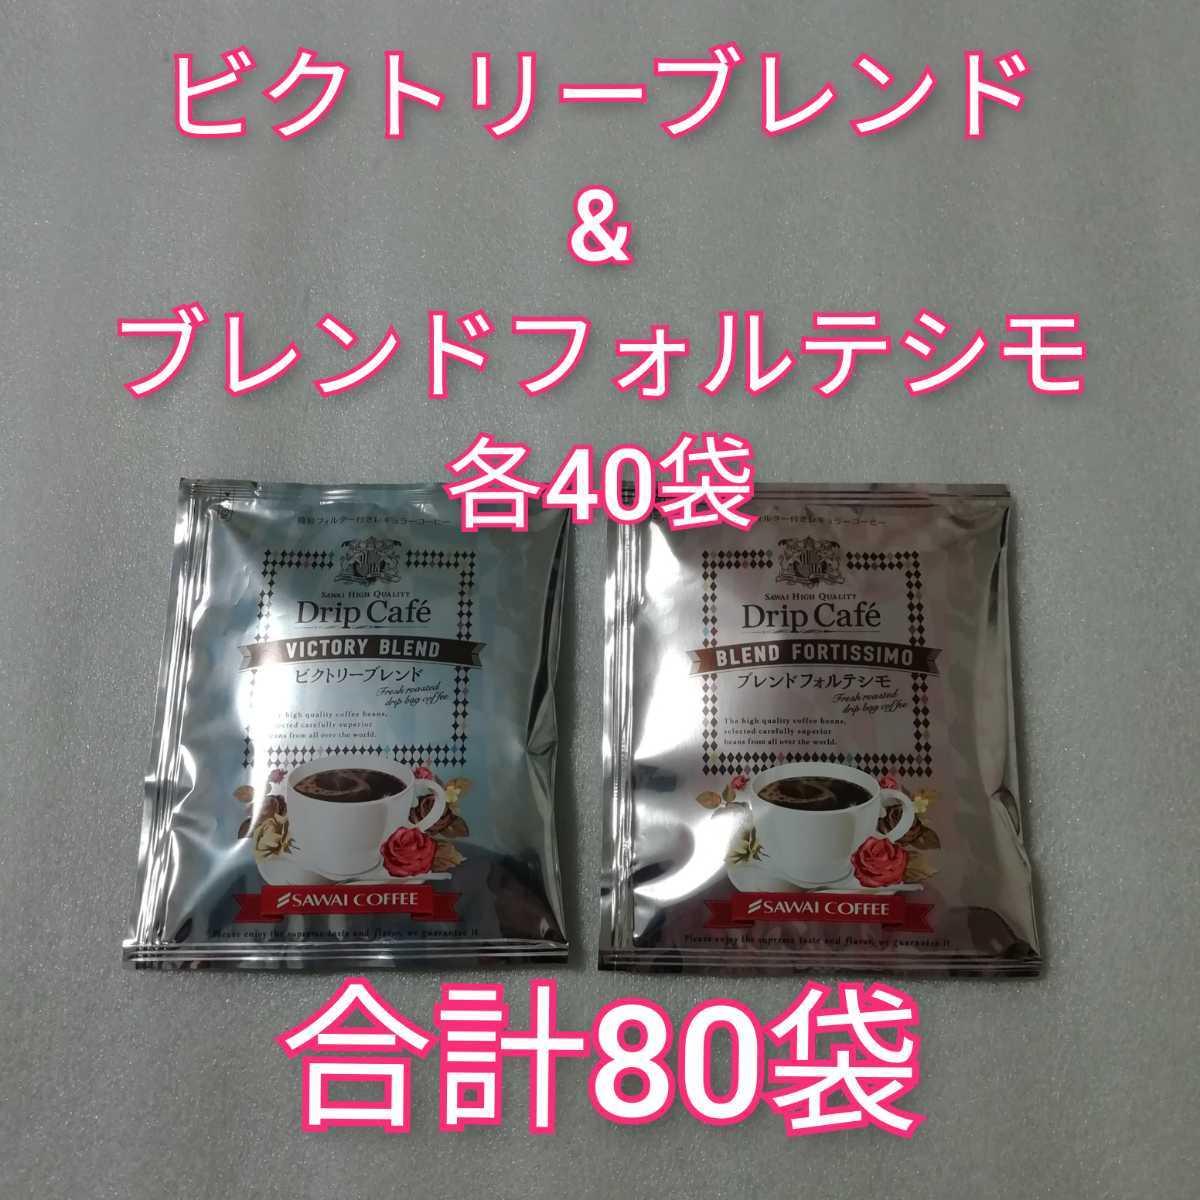 澤井珈琲 80袋 ビクトリーブレンド ブレンドフォルテシモ 各40袋 ドリップコーヒー_画像1